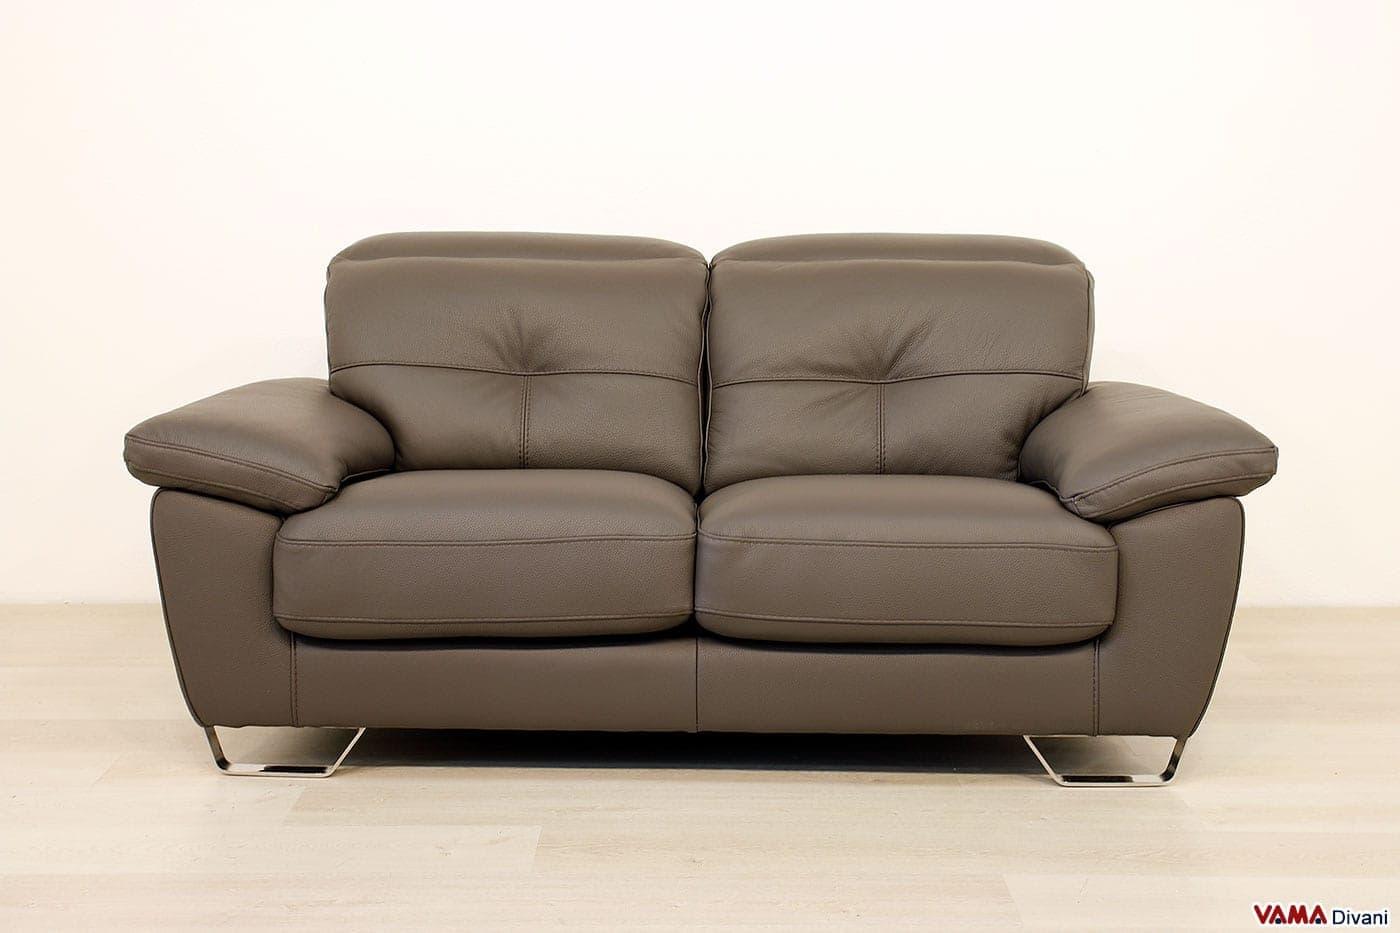 Divano con piedi alti casablanca vama divani for Divano 8 posti pelle